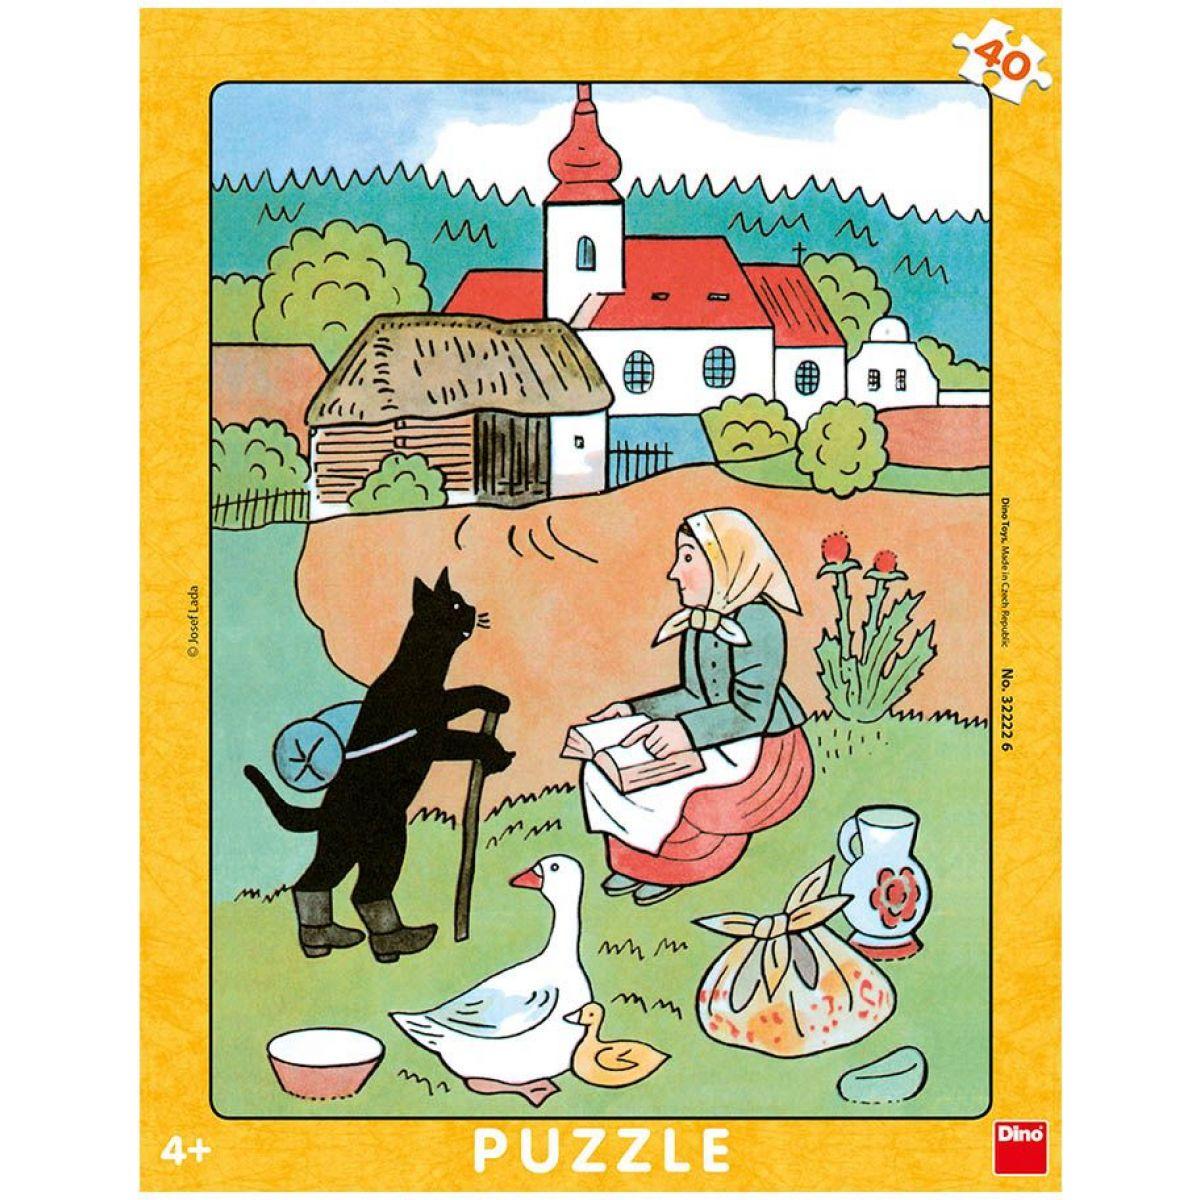 Dino Josef Lada Mikeš Na vandru doskové puzzle 40 dielikov